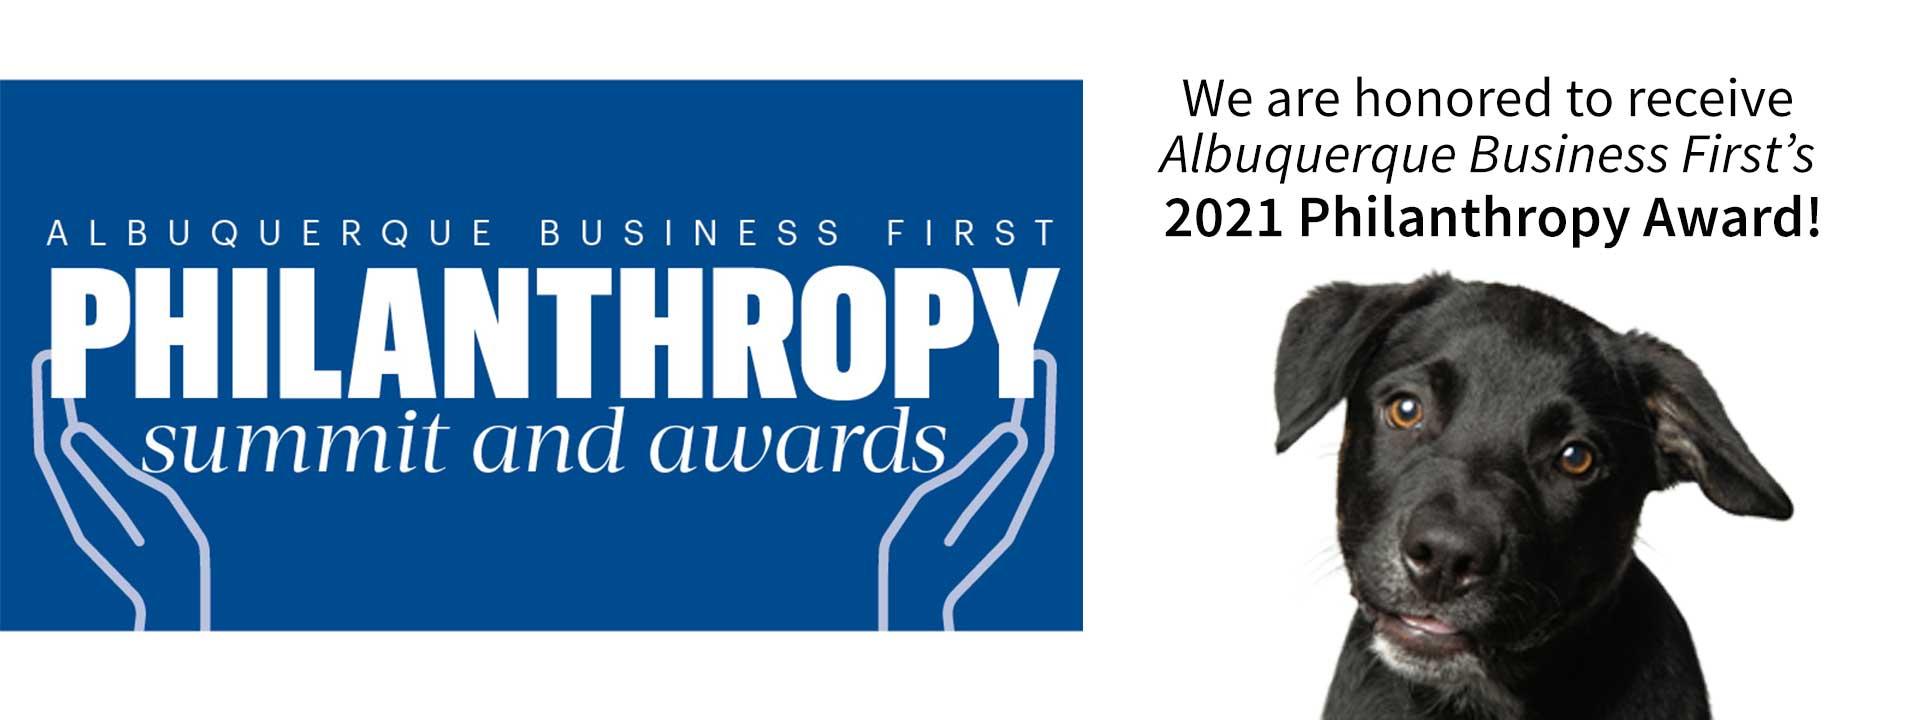 ABQBF-Award-banner-1920×720